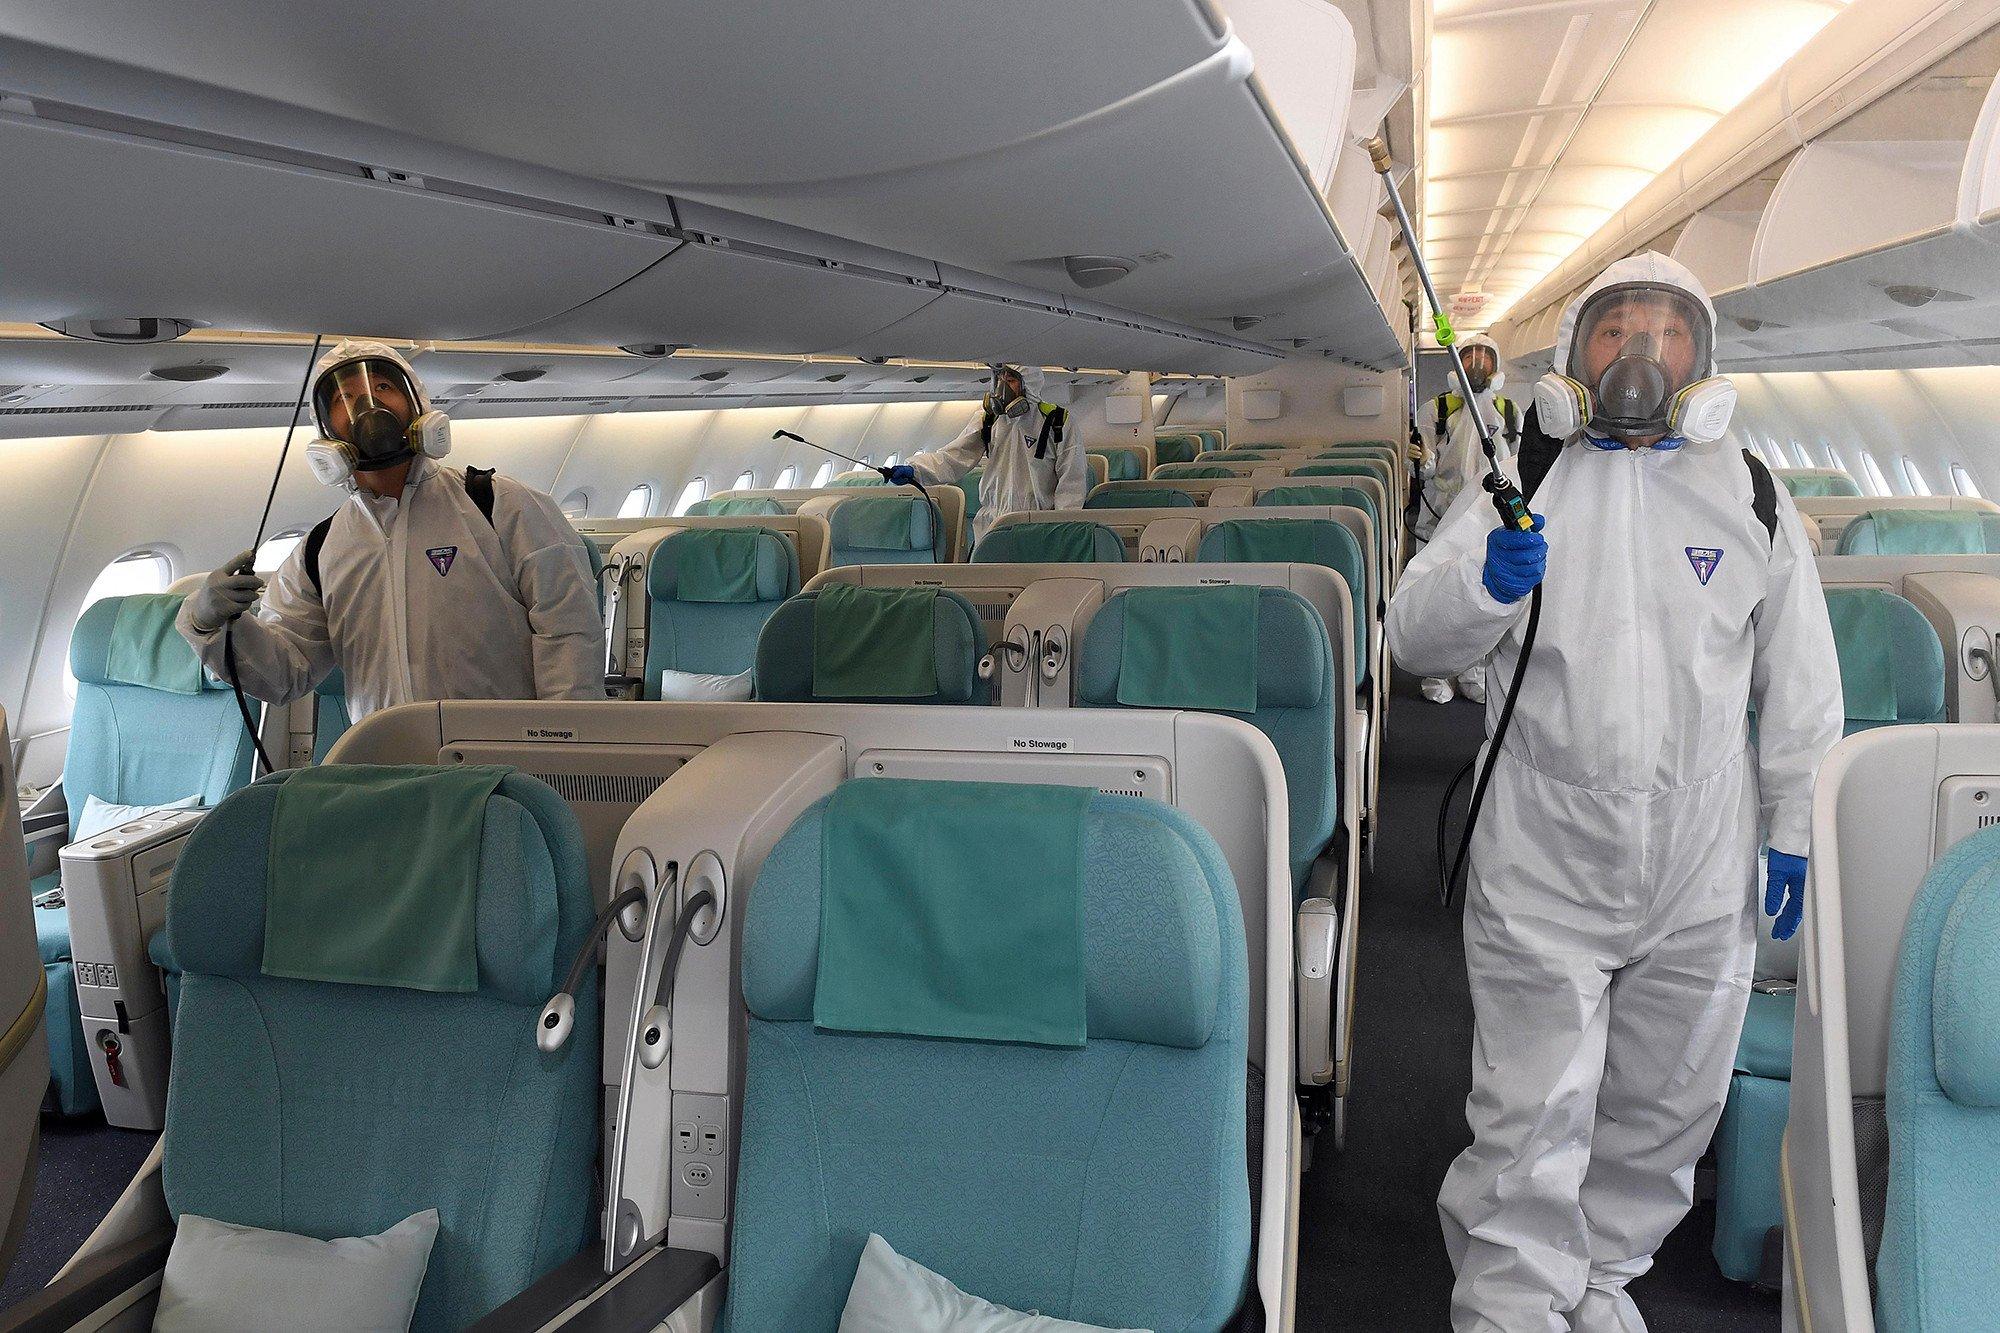 Mise à jour sur les lignes aériennes de santé et sécurité des compagnies aériennes